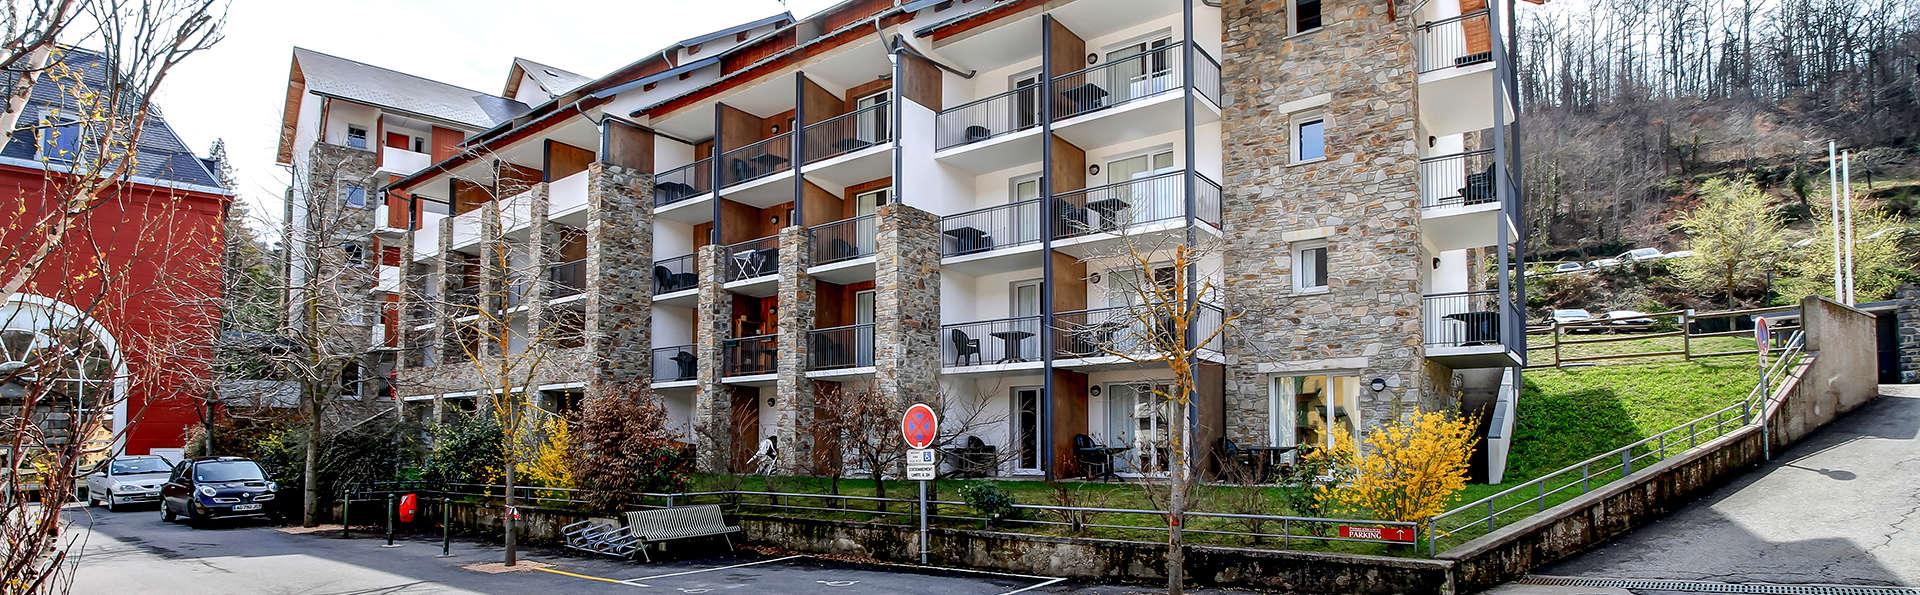 Pierre et Vacances Les Trois Domaines - Edit_Front3.jpg